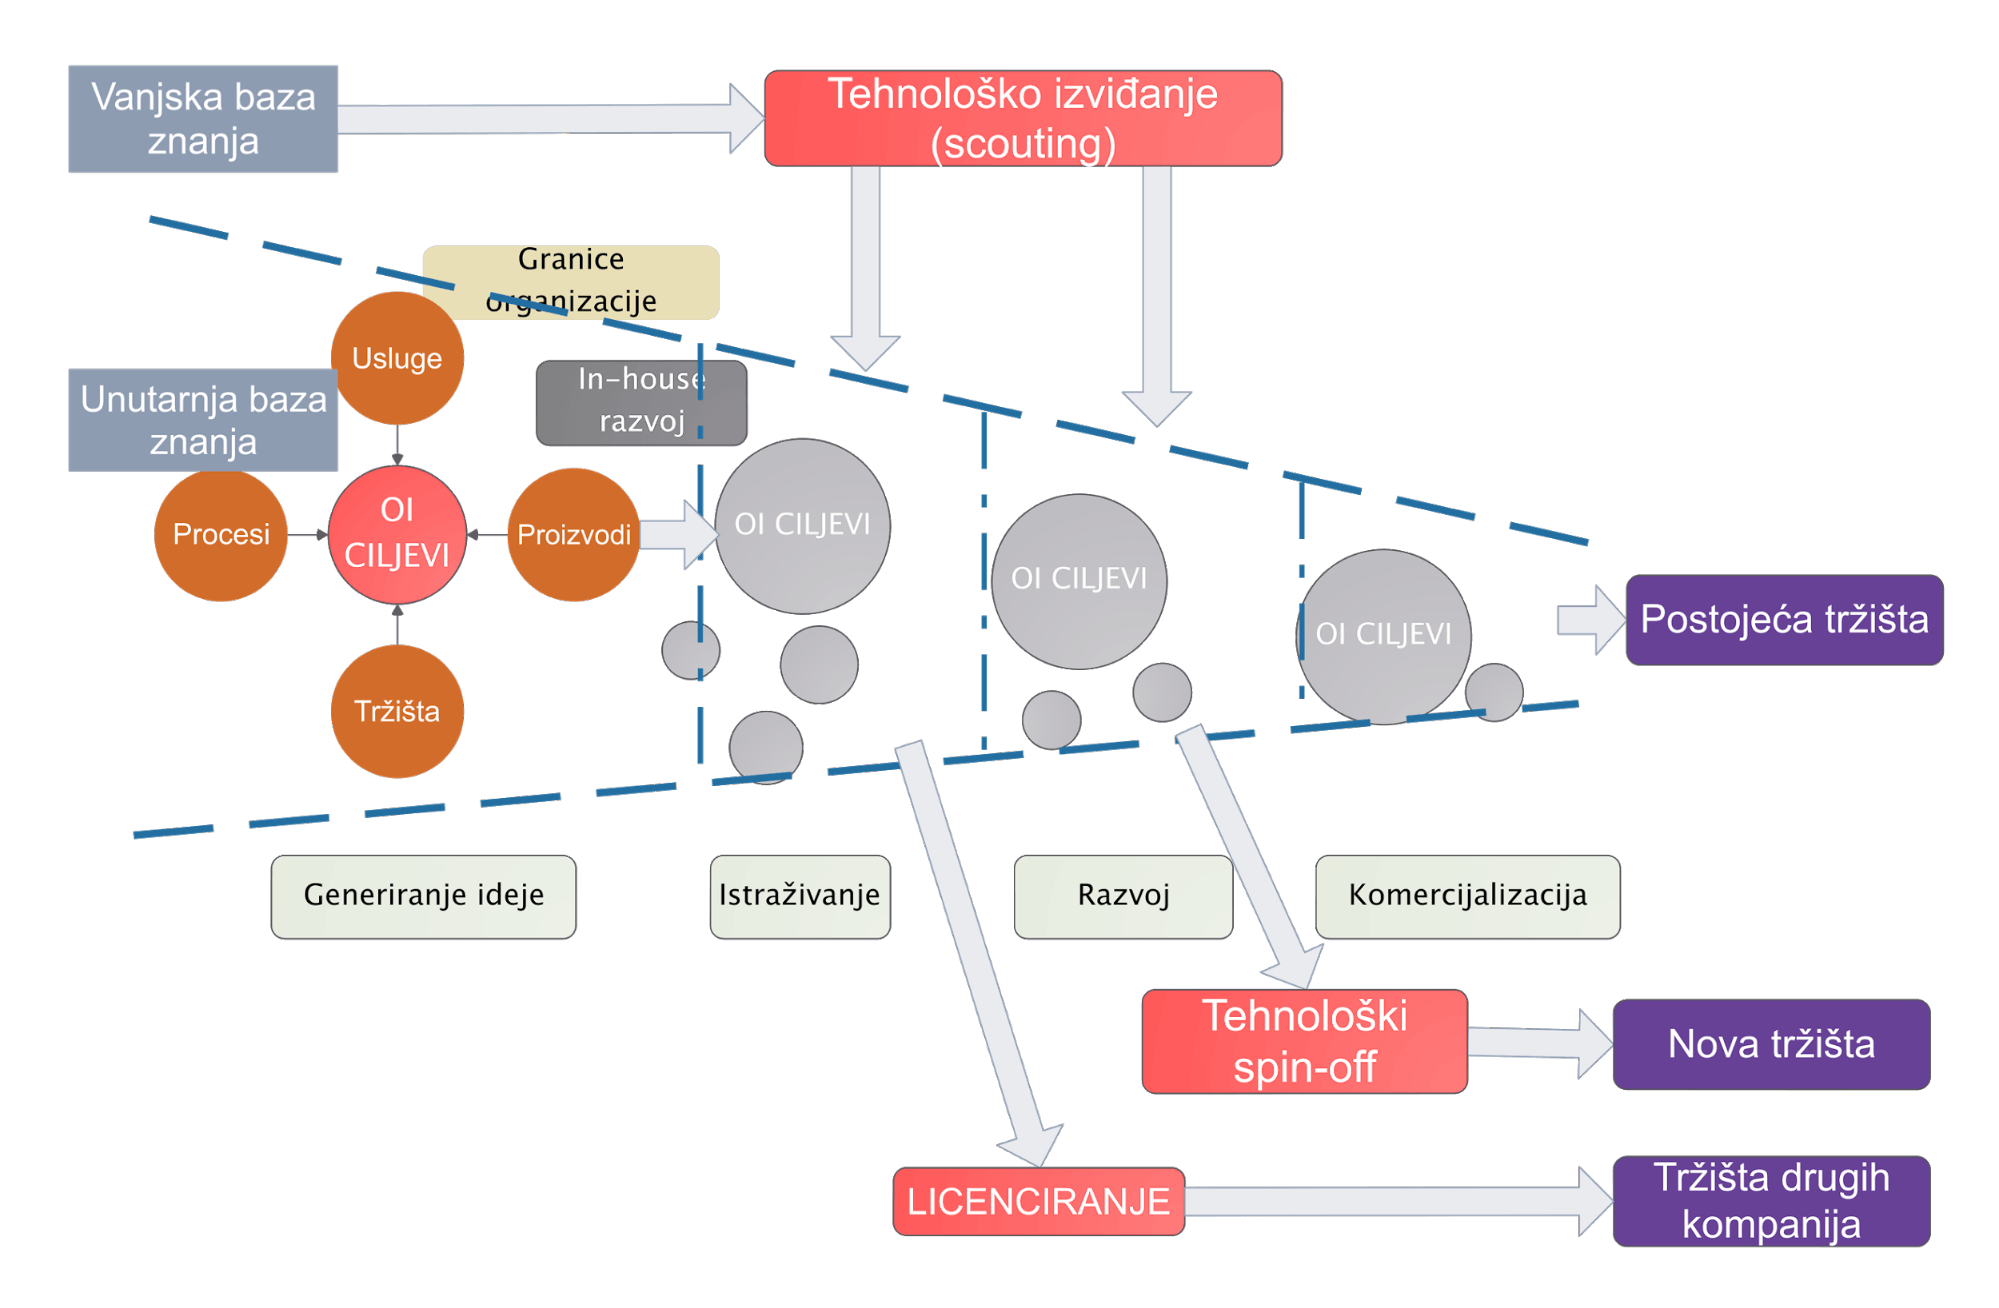 Postavljenje ključnih pokazatelja poslovanja u procesima inoviranja